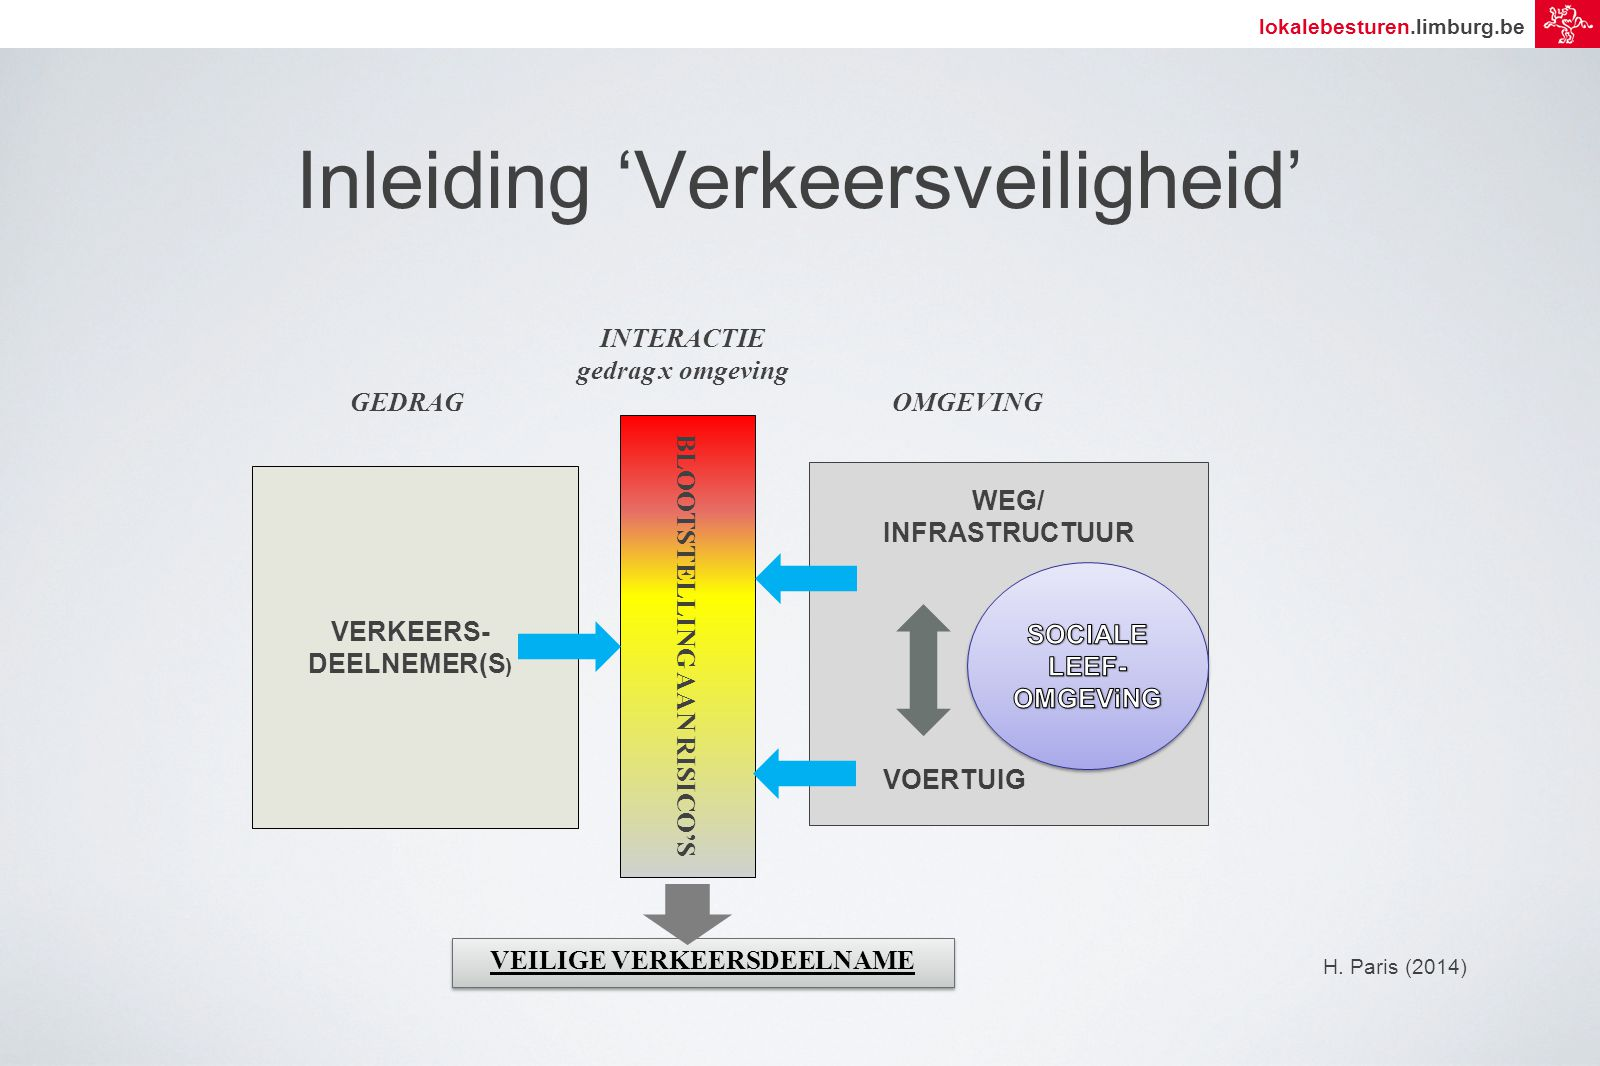 lokalebesturen.limburg.be WEG/ INFRASTRUCTUUR VOERTUIG OMGEVING Inleiding 'Verkeersveiligheid' VEILIGE VERKEERSDEELNAME VERKEERS- DEELNEMER(S ) GEDRAG BLOOTSTELLING AAN RISICO'S INTERACTIE gedrag x omgeving H.